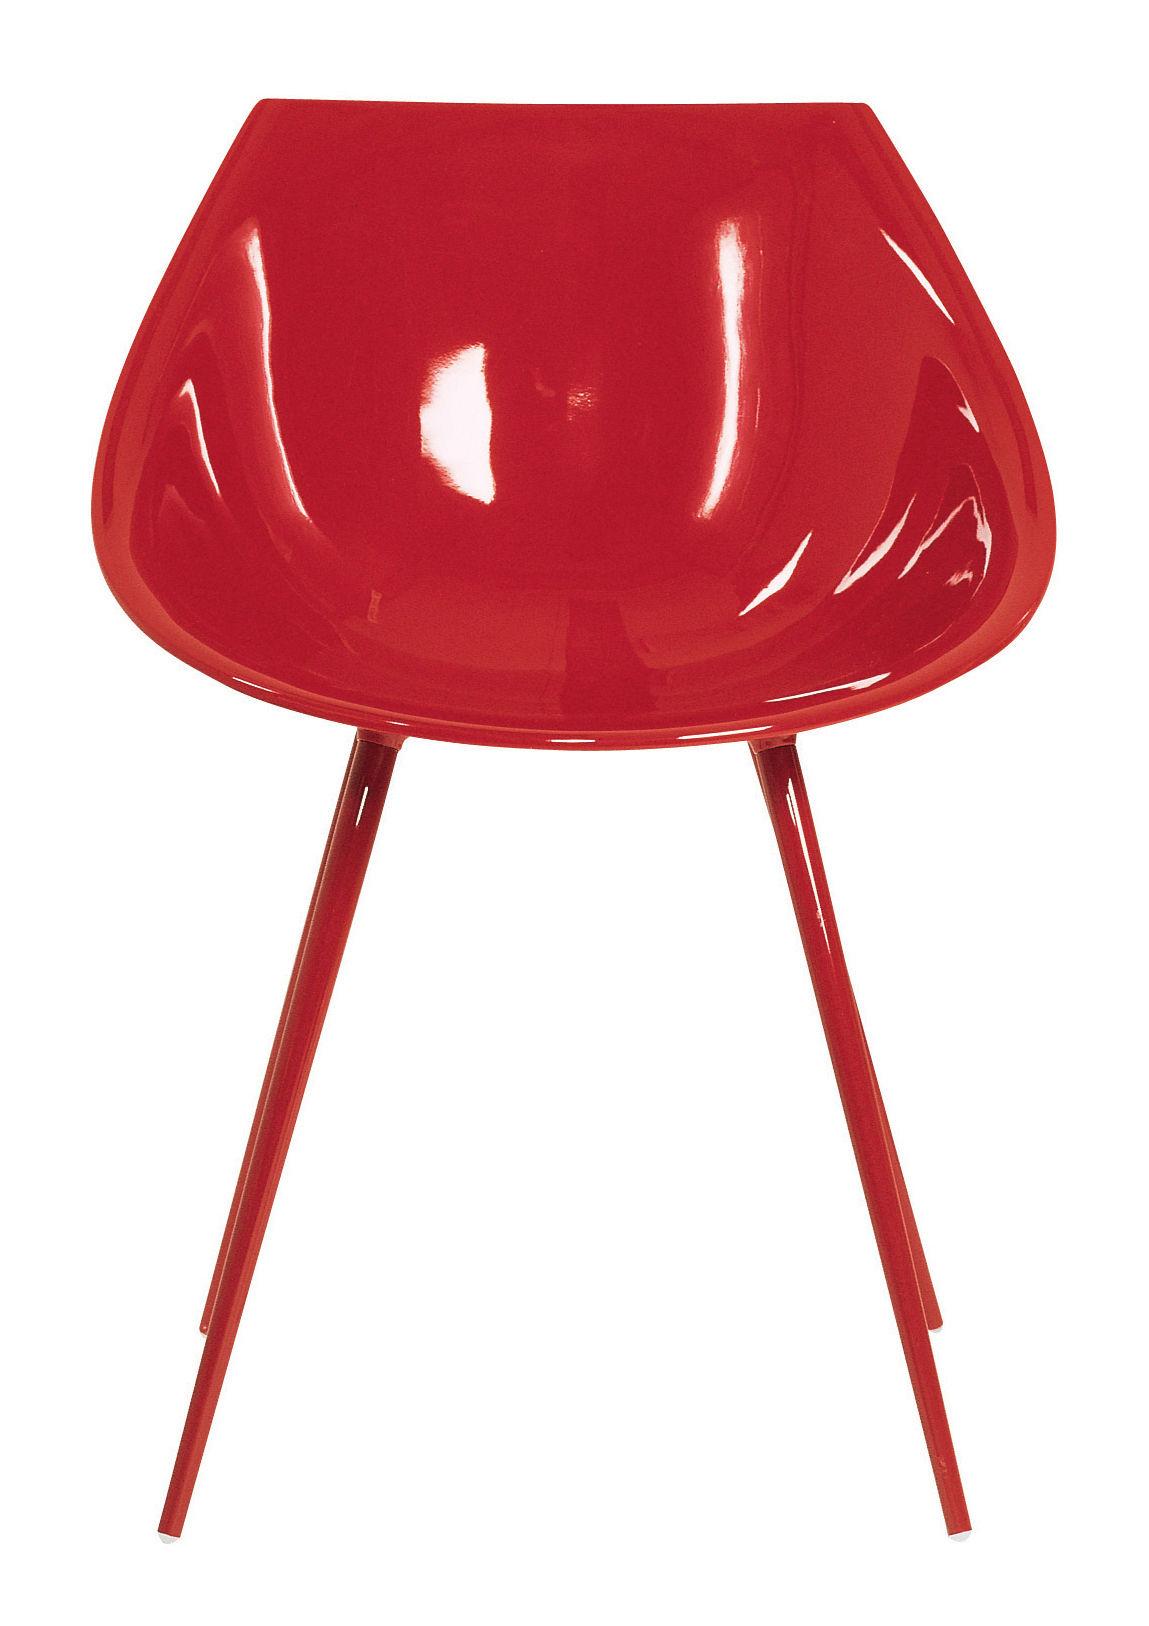 Mobilier - Chaises, fauteuils de salle à manger - Fauteuil Lago /Polyuréthane laqué & pieds métal - Driade - Rouge - Aluminium laqué, Polyuréthane laqué